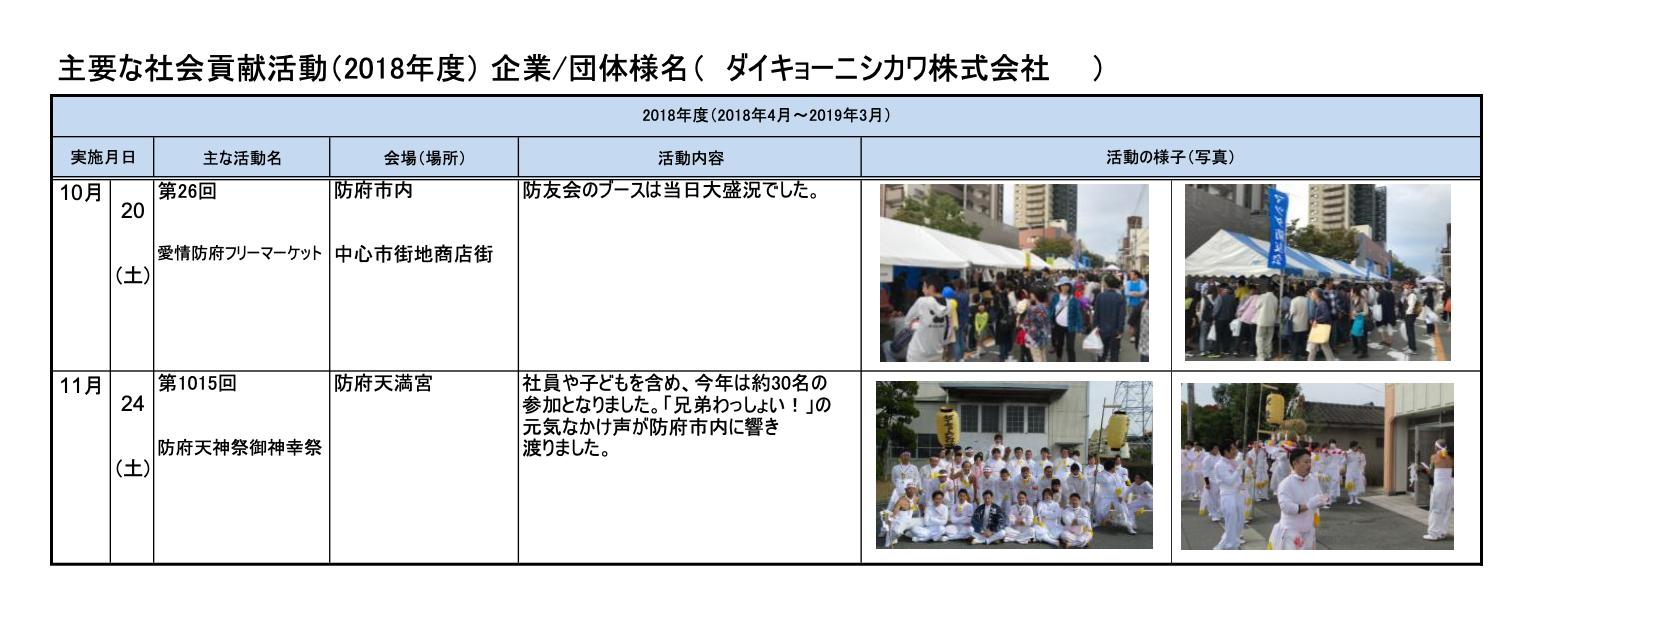 ダイキョーニシカワ株式会社